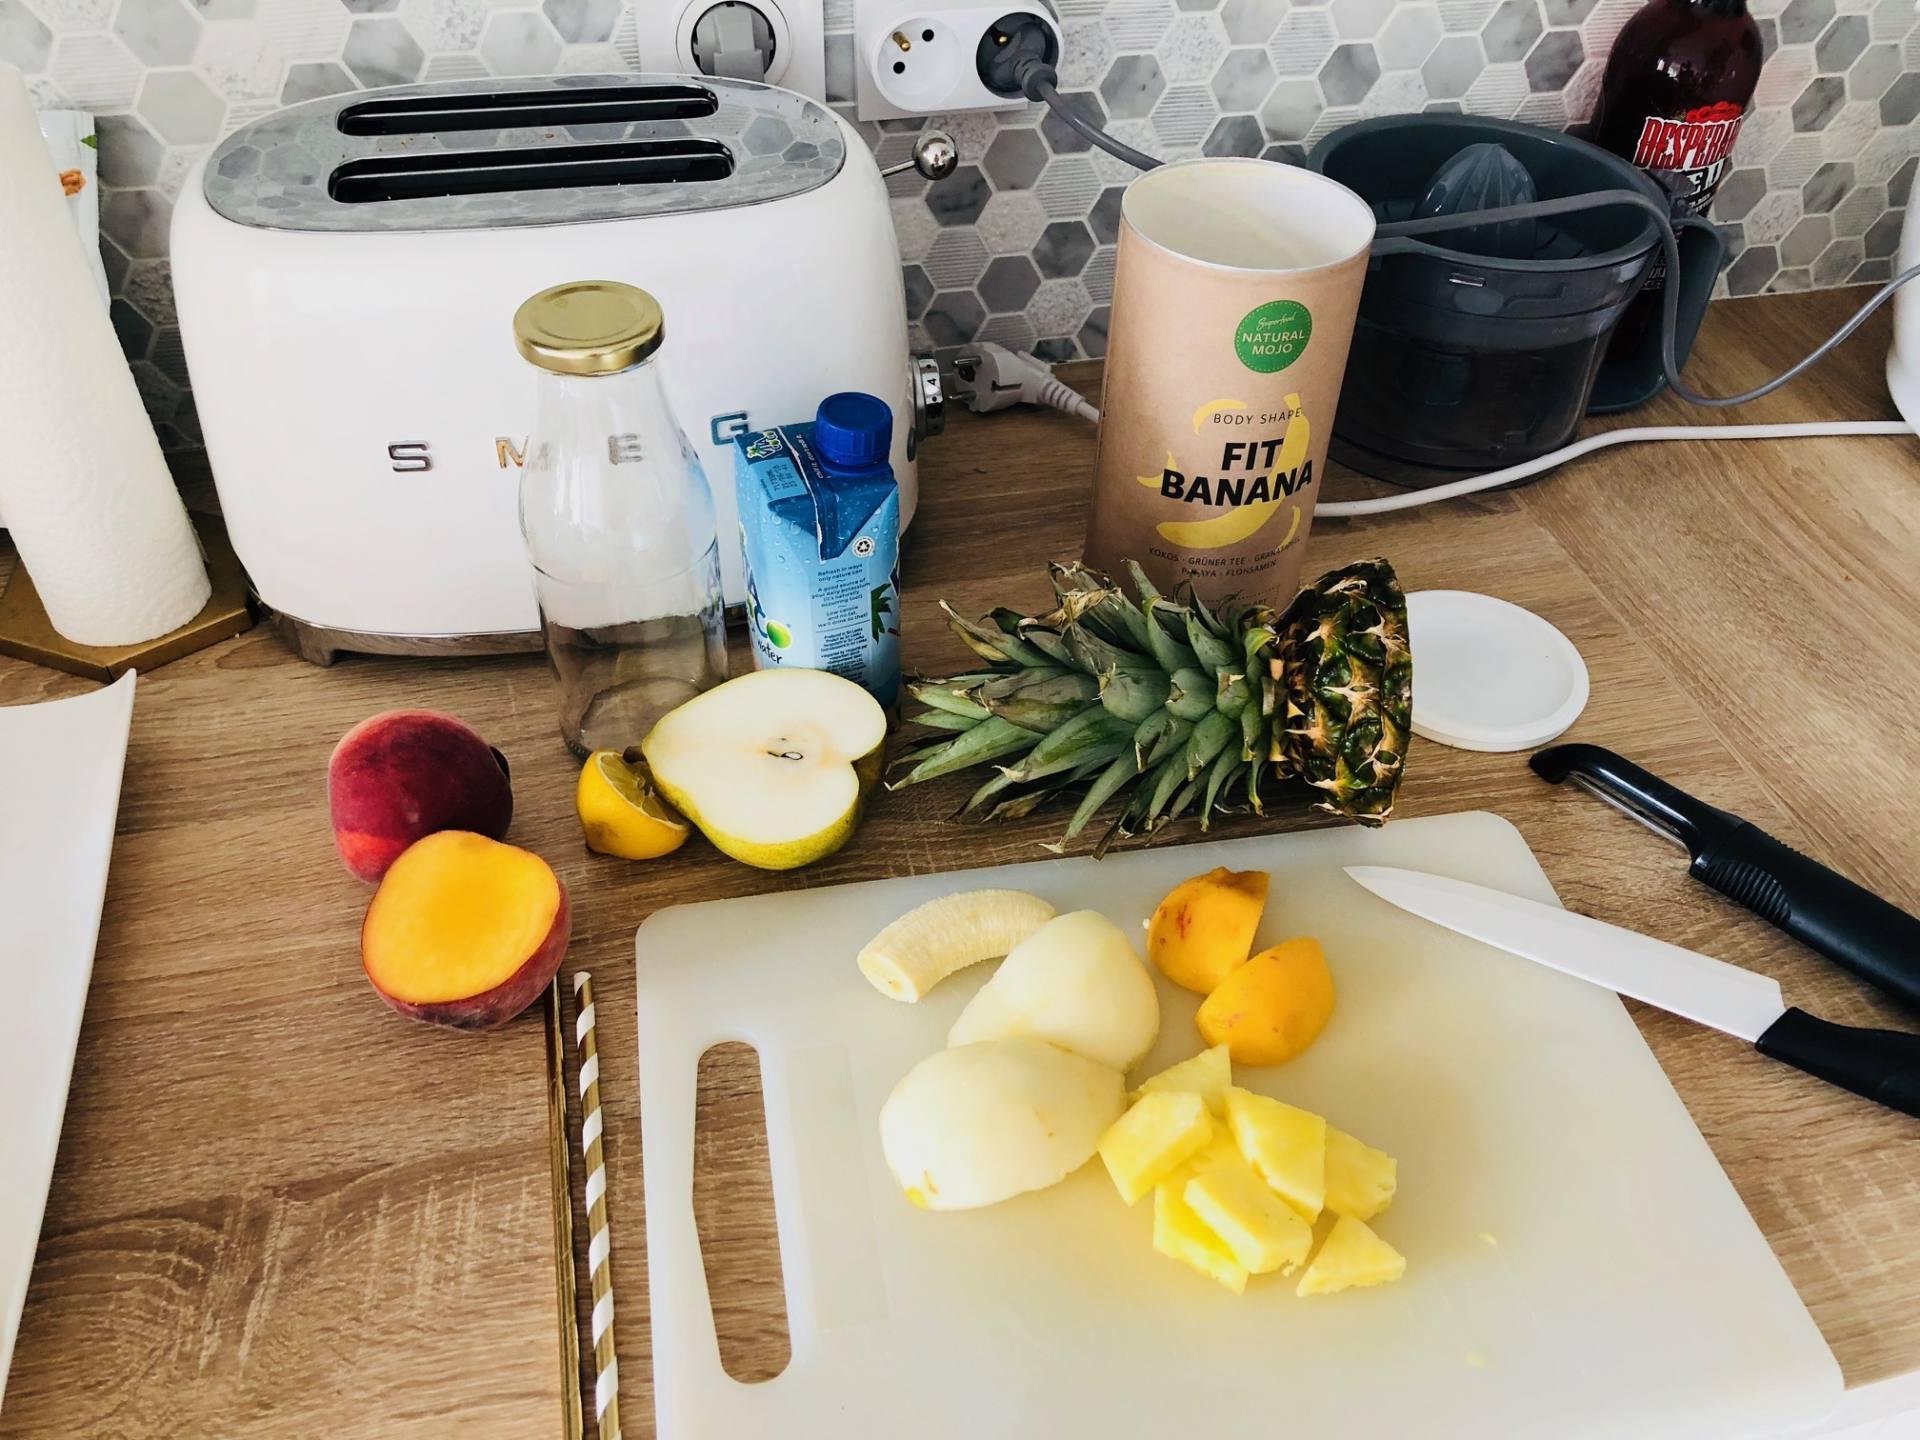 natural mojo fit banana